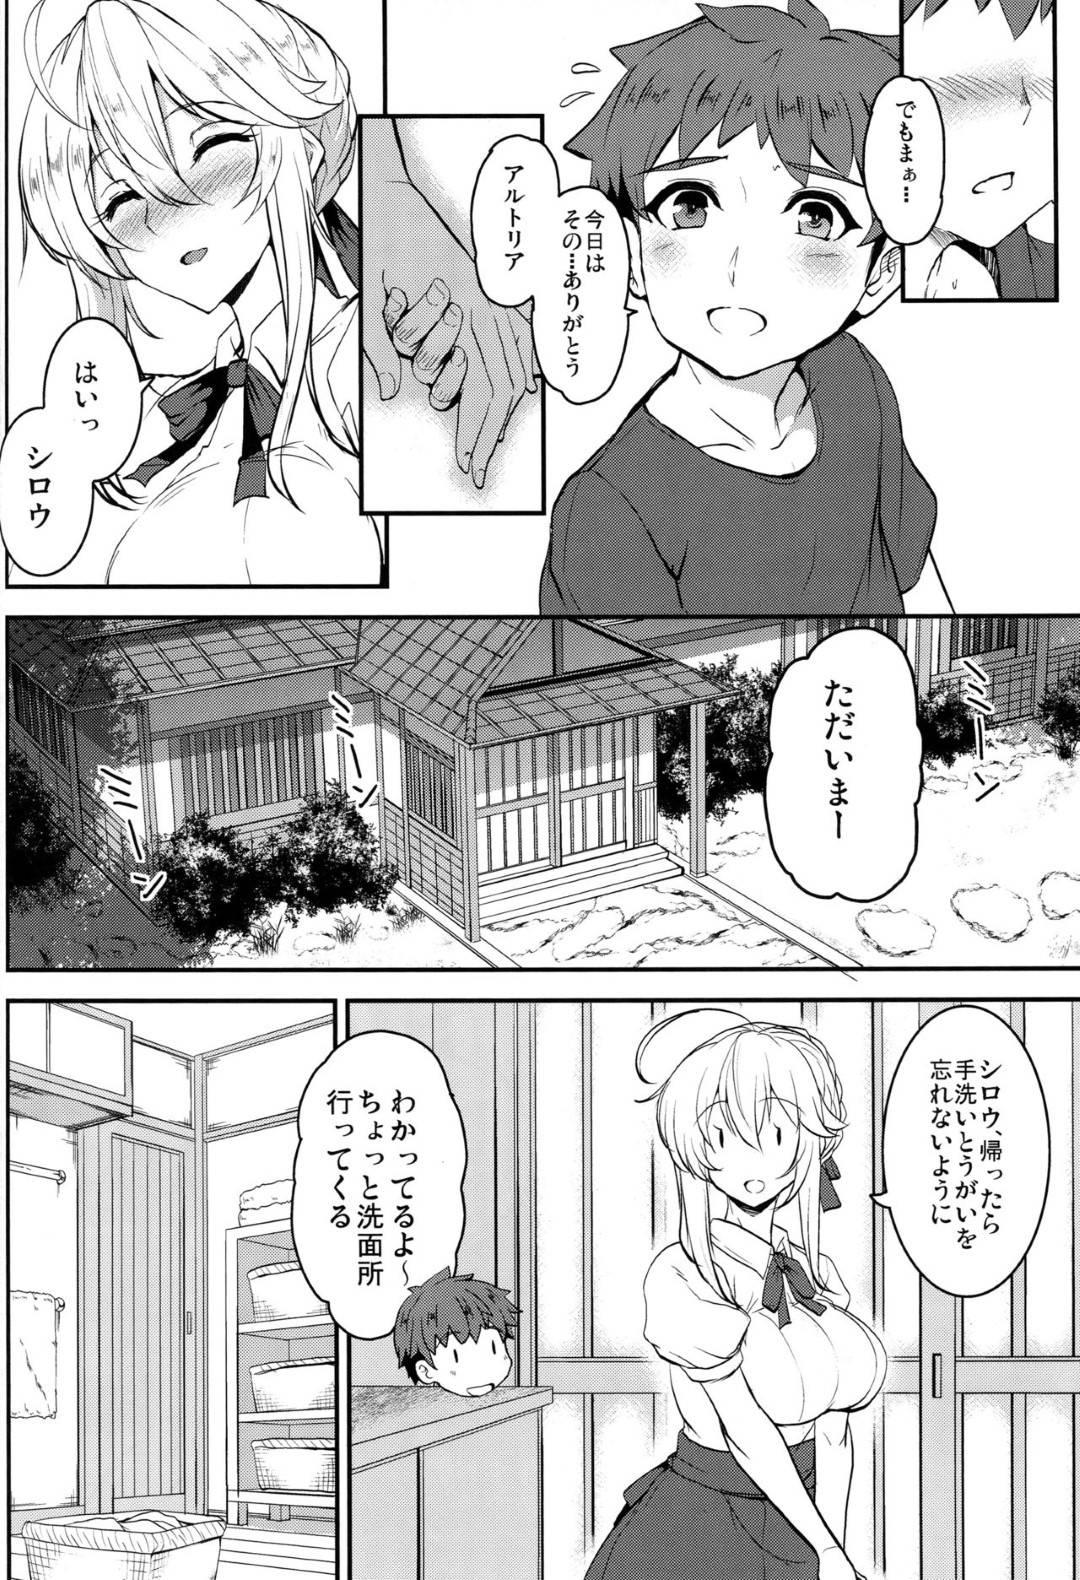 【fateエロ漫画】夏のある日、部屋でメイド姿のオルタと過ごすショタマスター。突然発情した彼女は彼を押し倒してご奉仕フェラ!彼女に勝てないマスターはされるがままにされ、騎乗位で生挿入までもされてしまう。【妖滅堂】